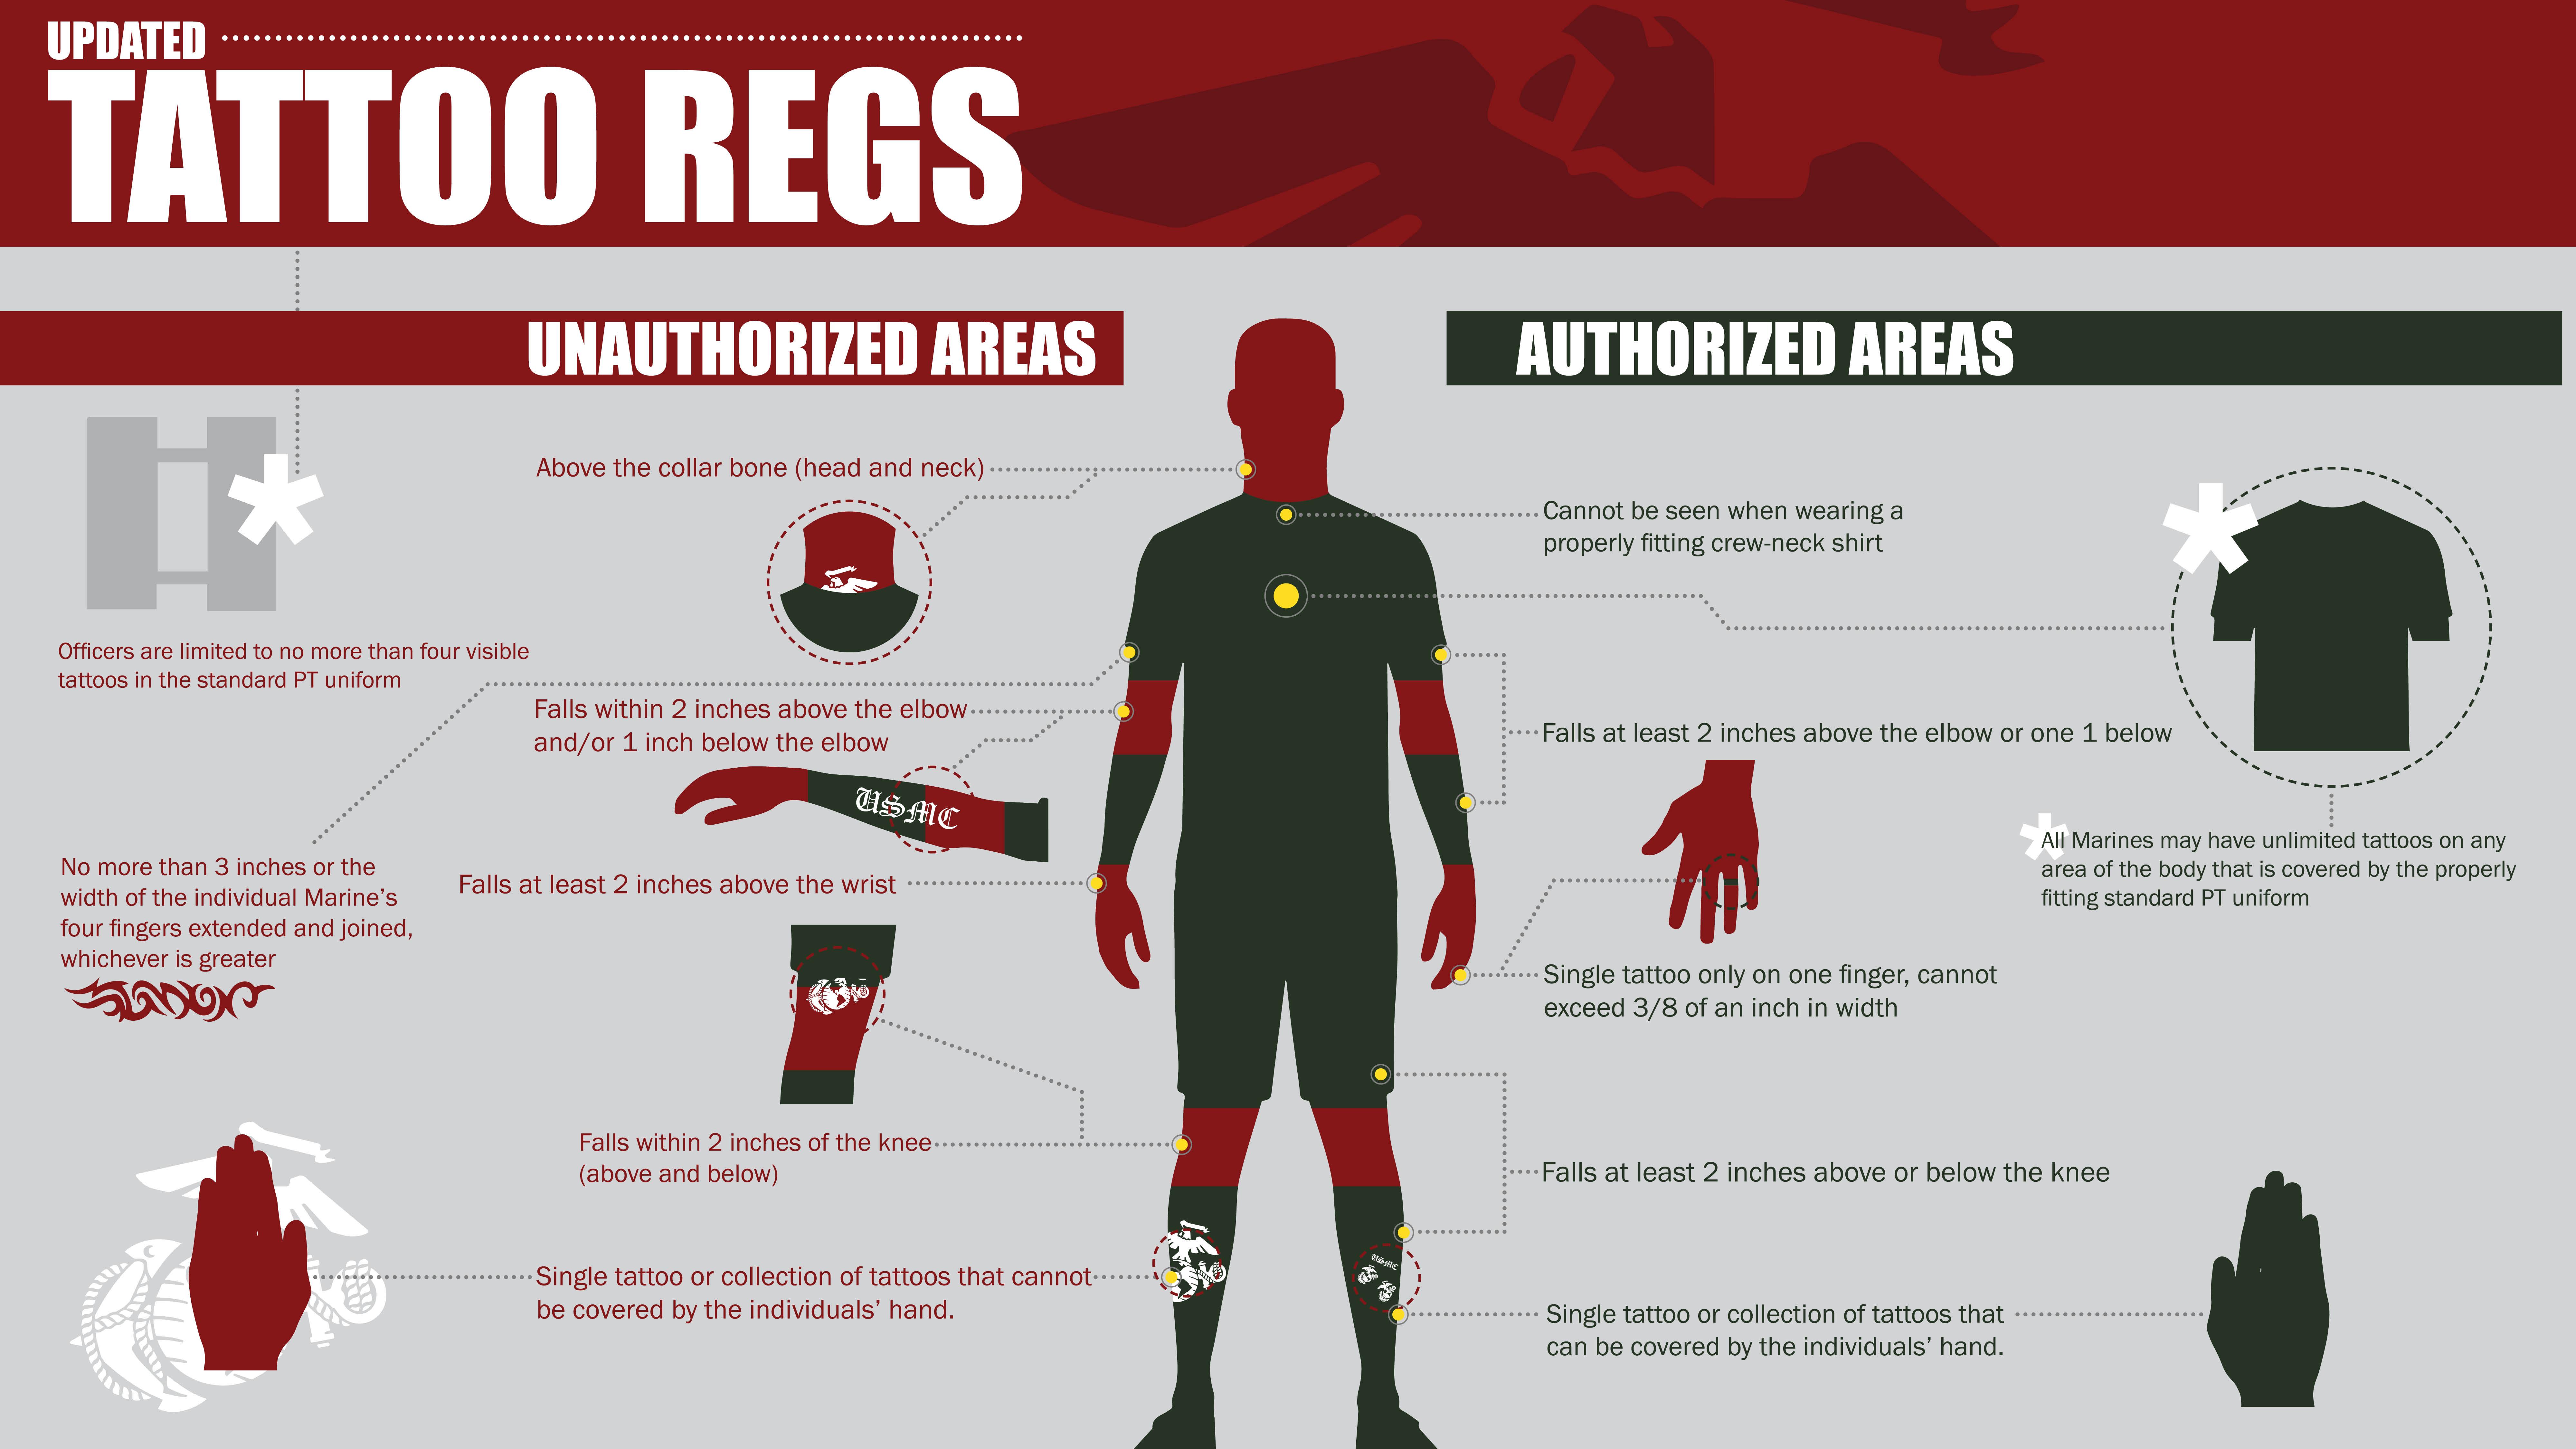 Marine Corp Tattoo Regs.JPG